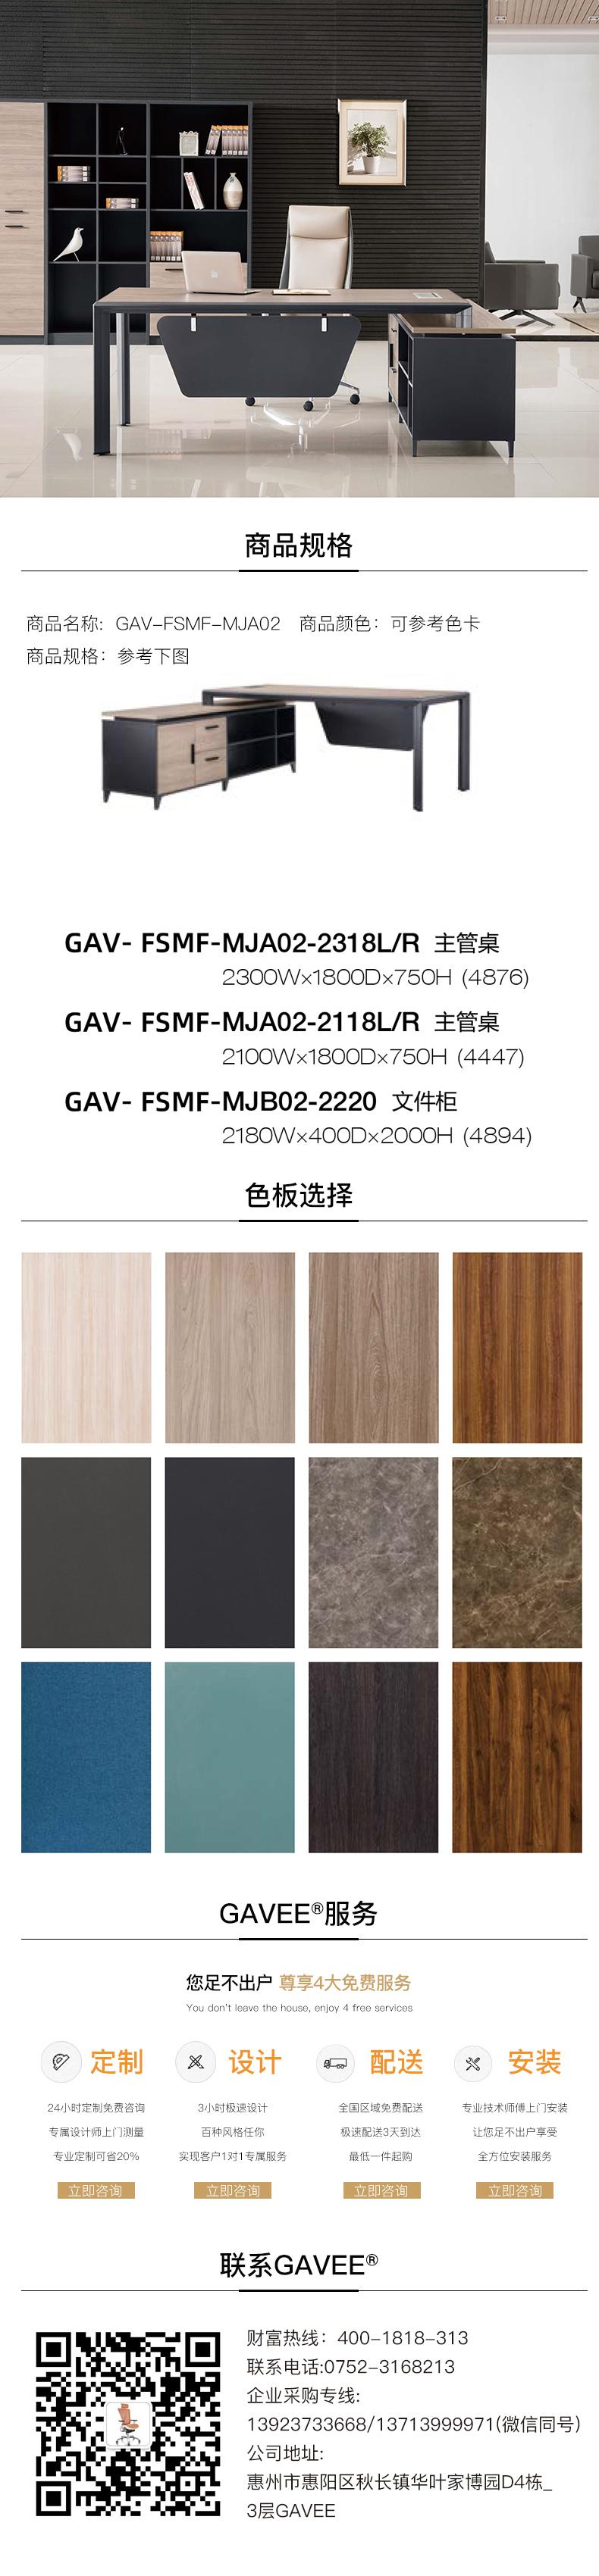 行政管理系統GAV-FSMF-MJA02.jpg